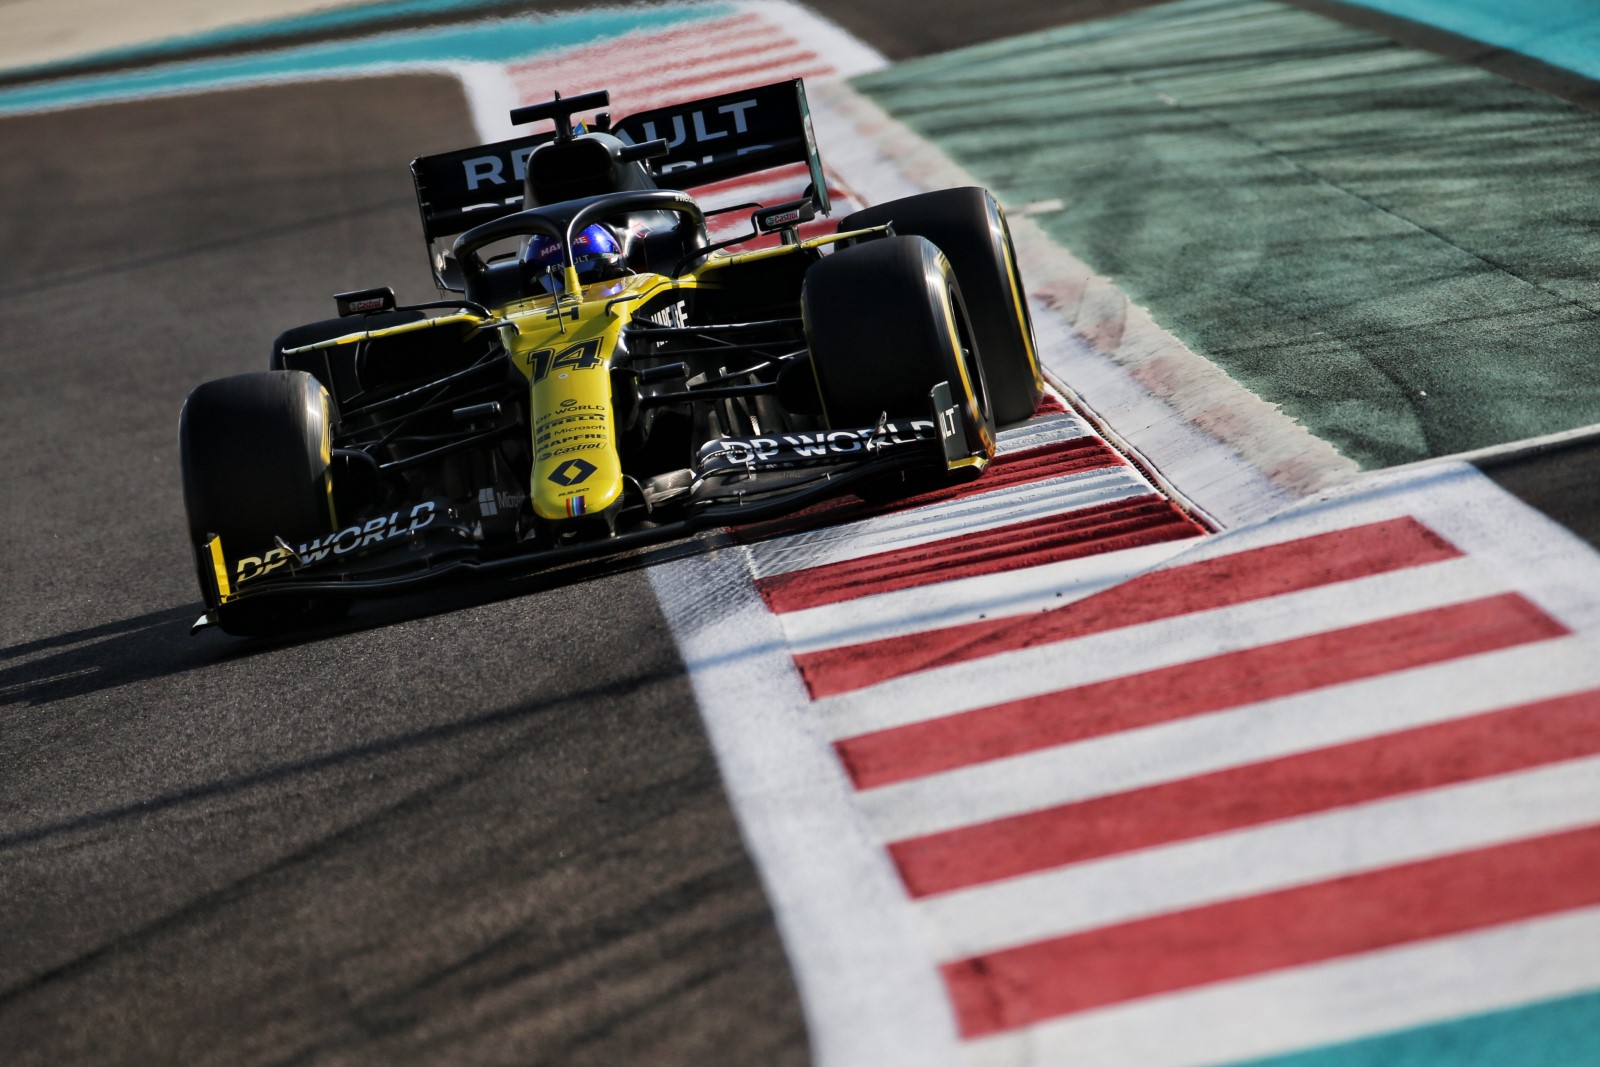 Bandymuose Abu Dabyje geriausią rezultatą užfiksavo F. Alonso